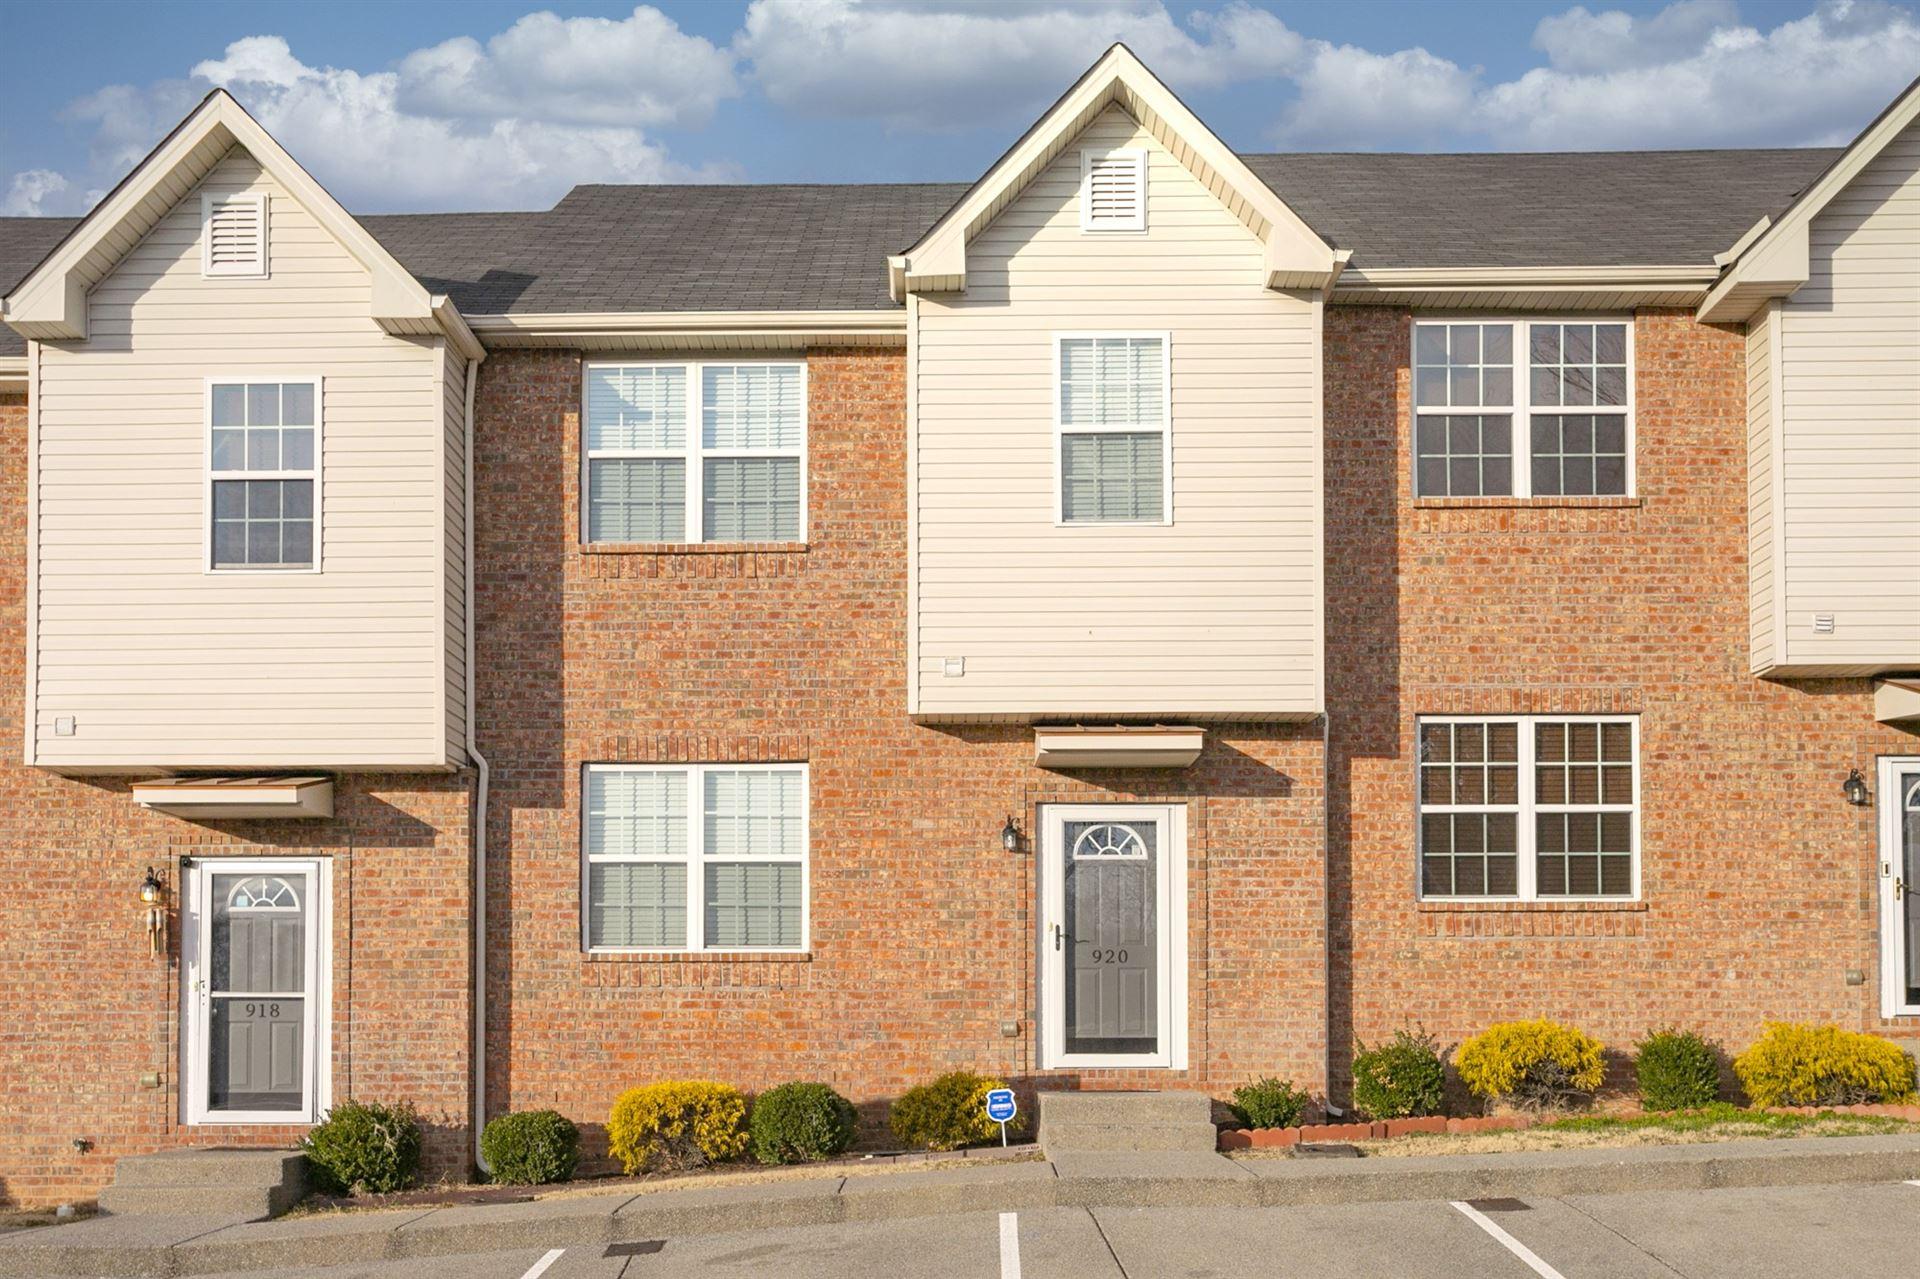 920 Spence Enclave Ct, Nashville, TN 37210 - MLS#: 2221067